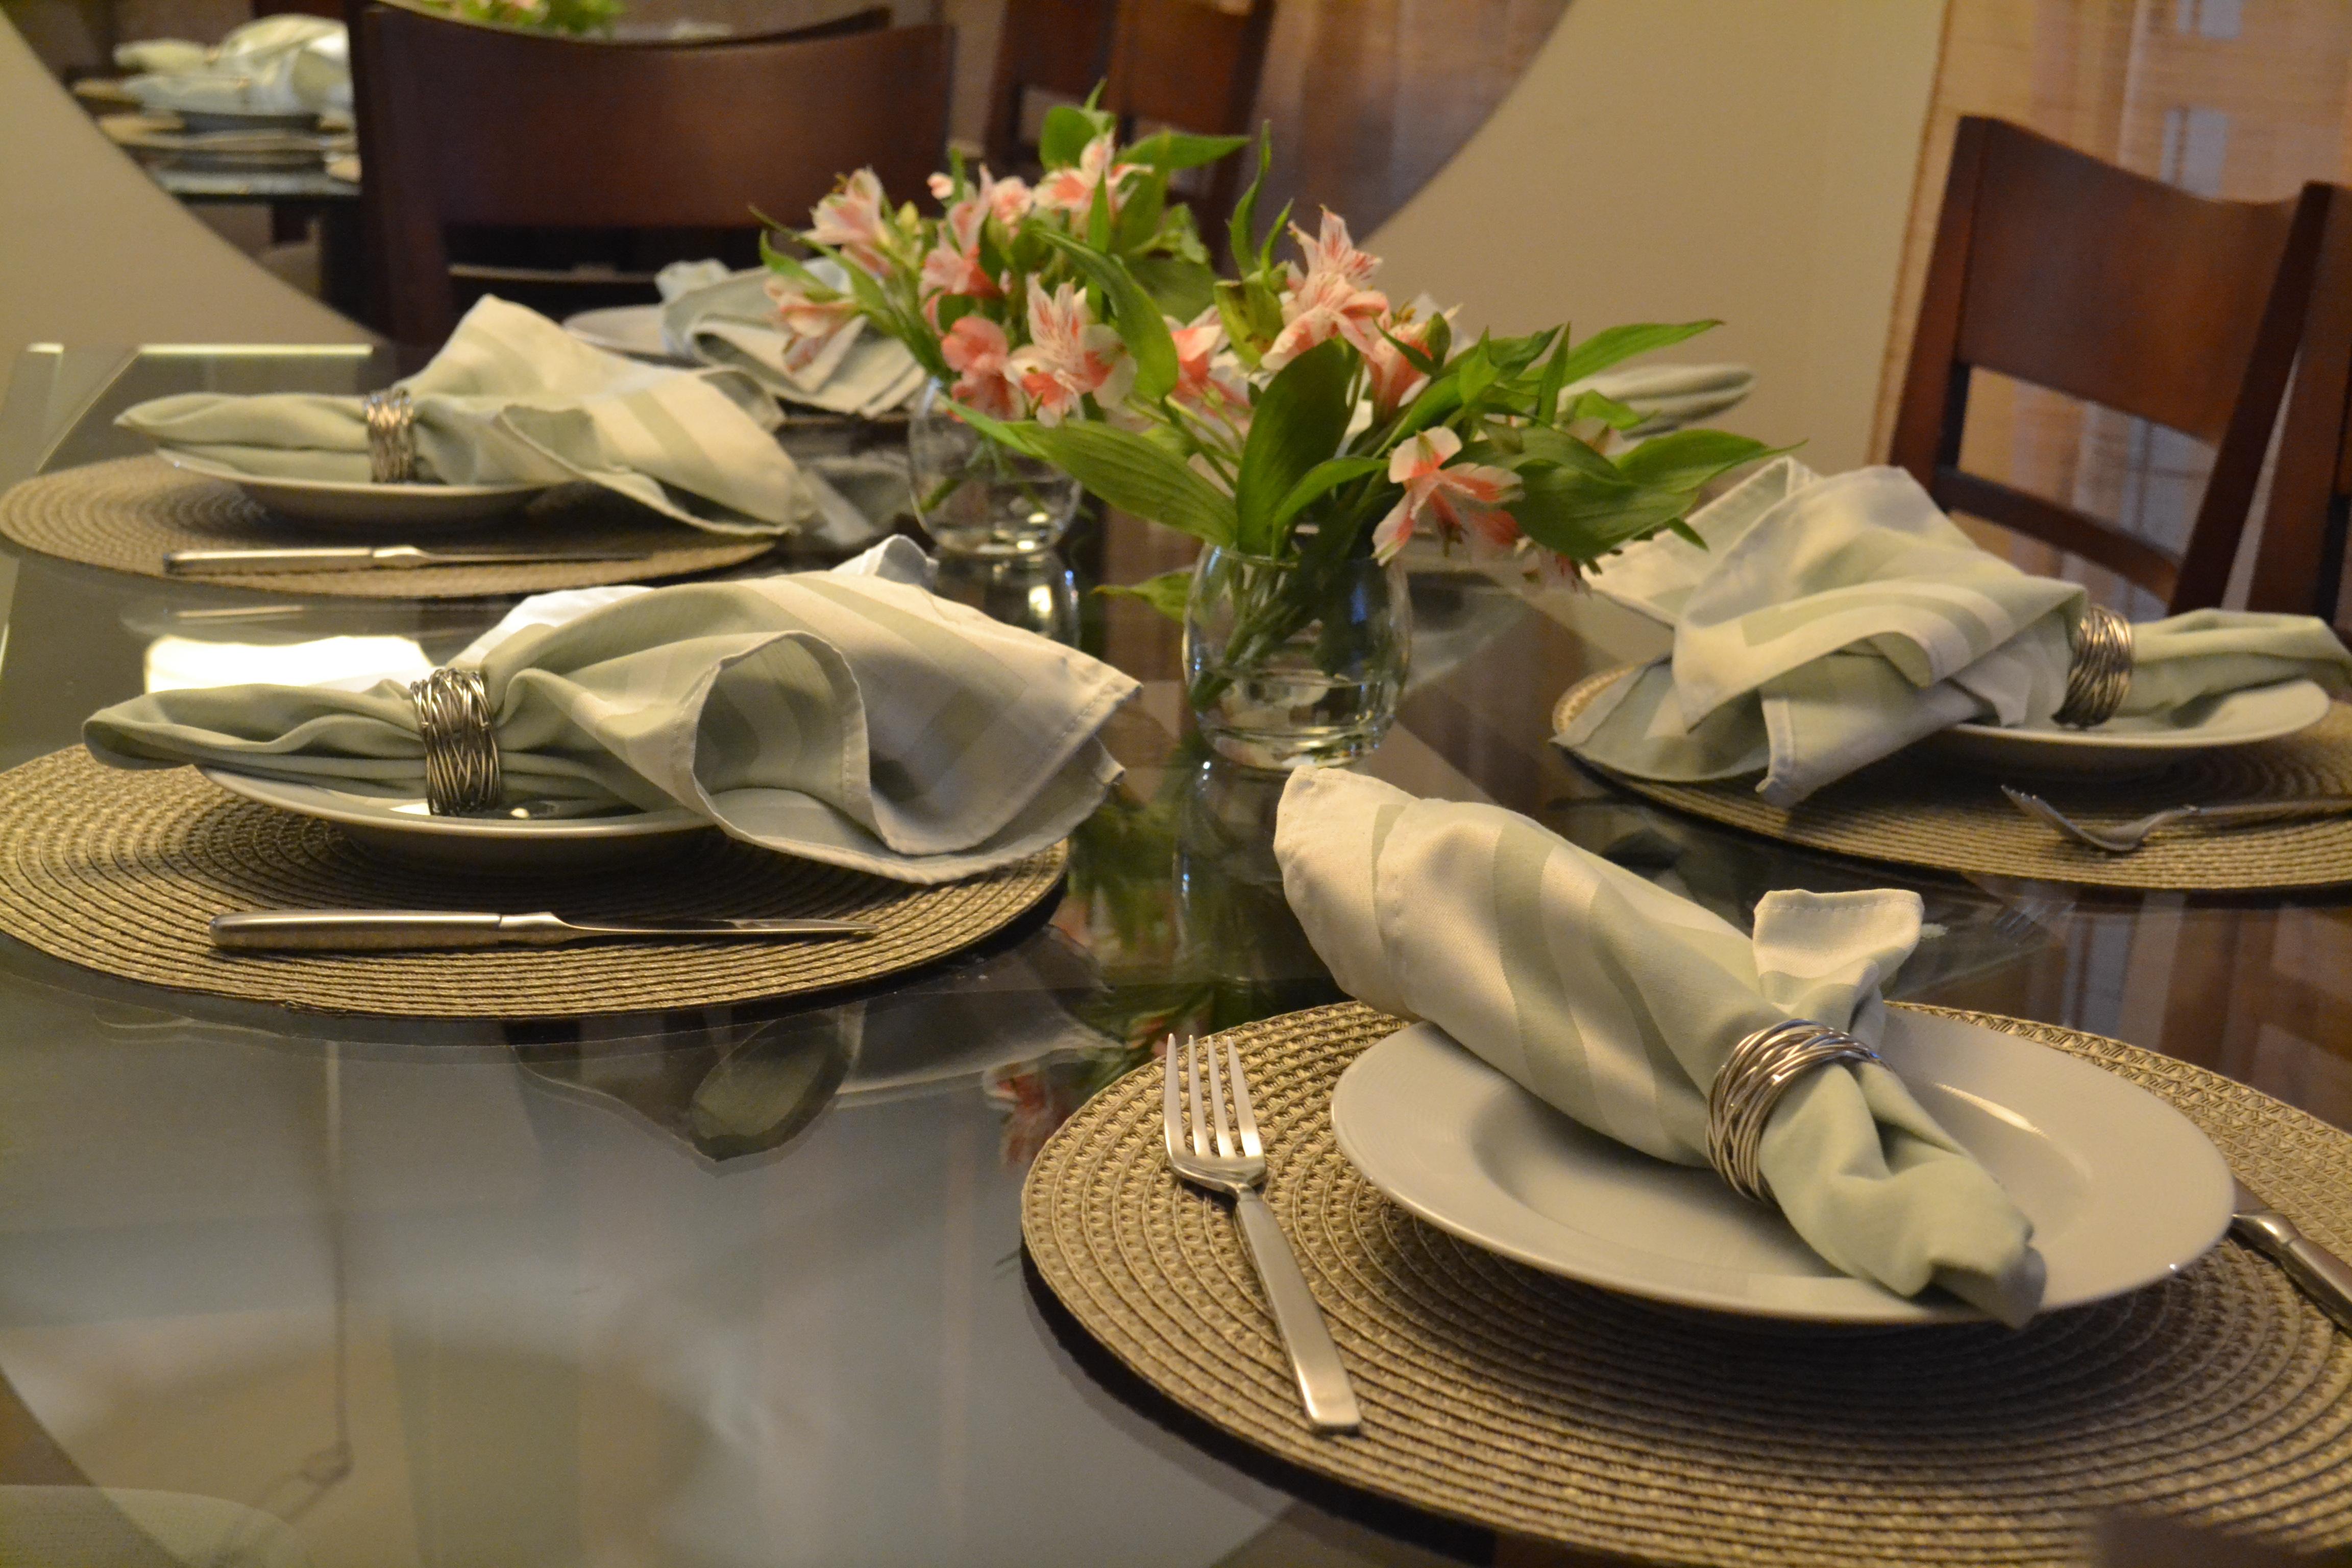 de mesa para noite da massa   vinho Joguei o buquê Blog de  #4F5B05 4608x3072